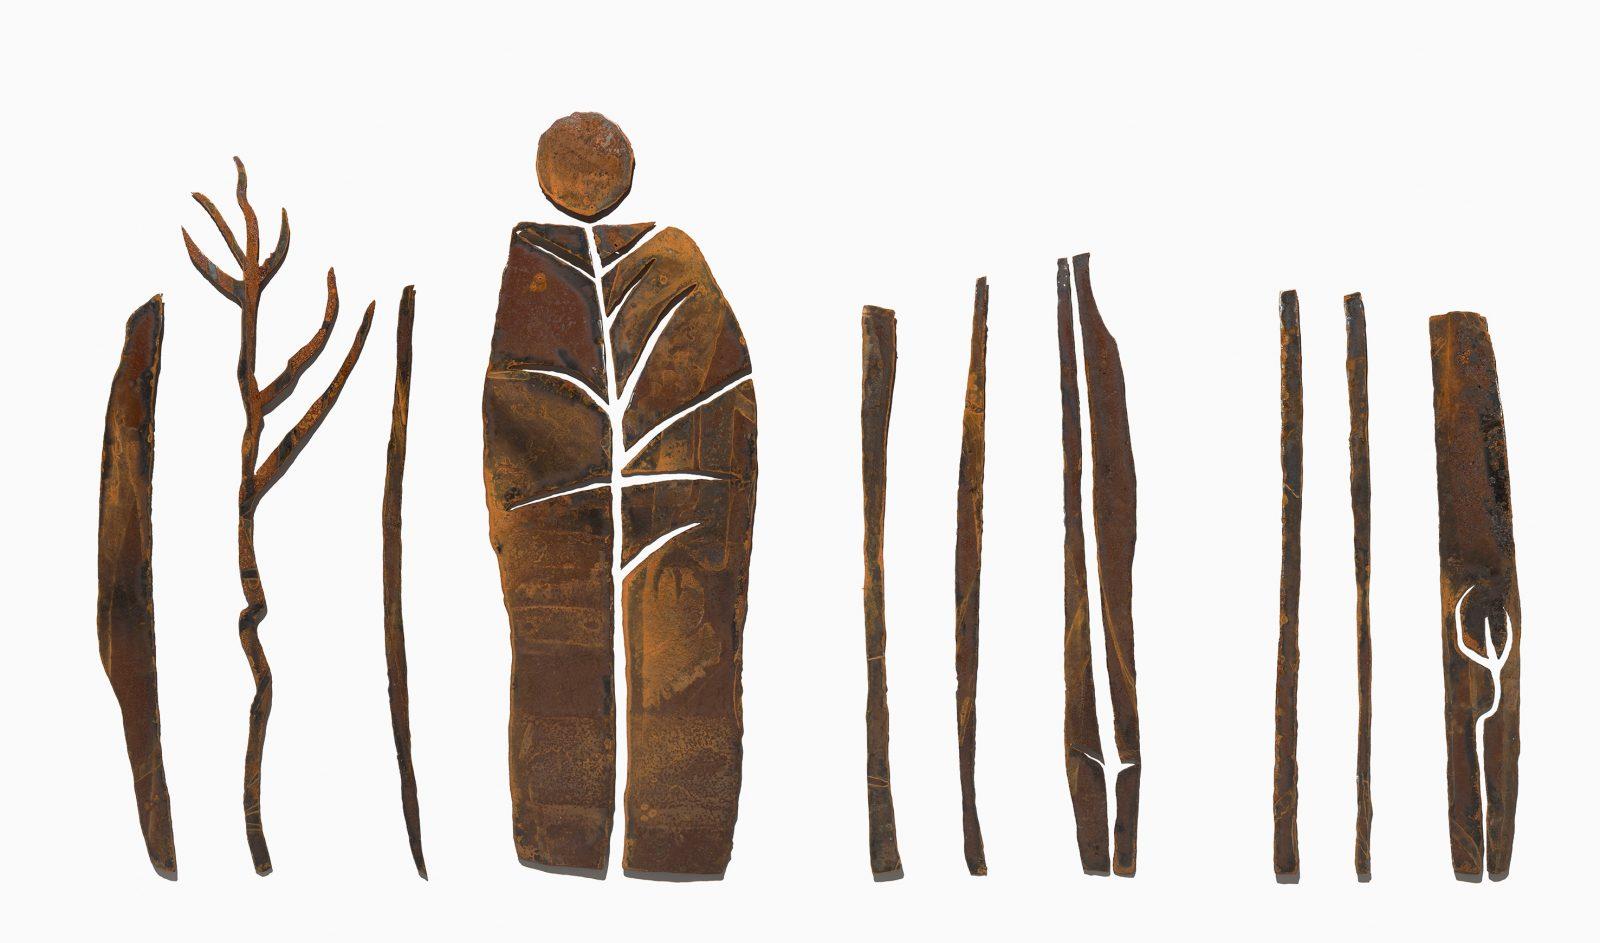 'Glyphs - bush portrait', 2019, steel, 12 pieces, unique, 117 x 200 x 3.5cm variable